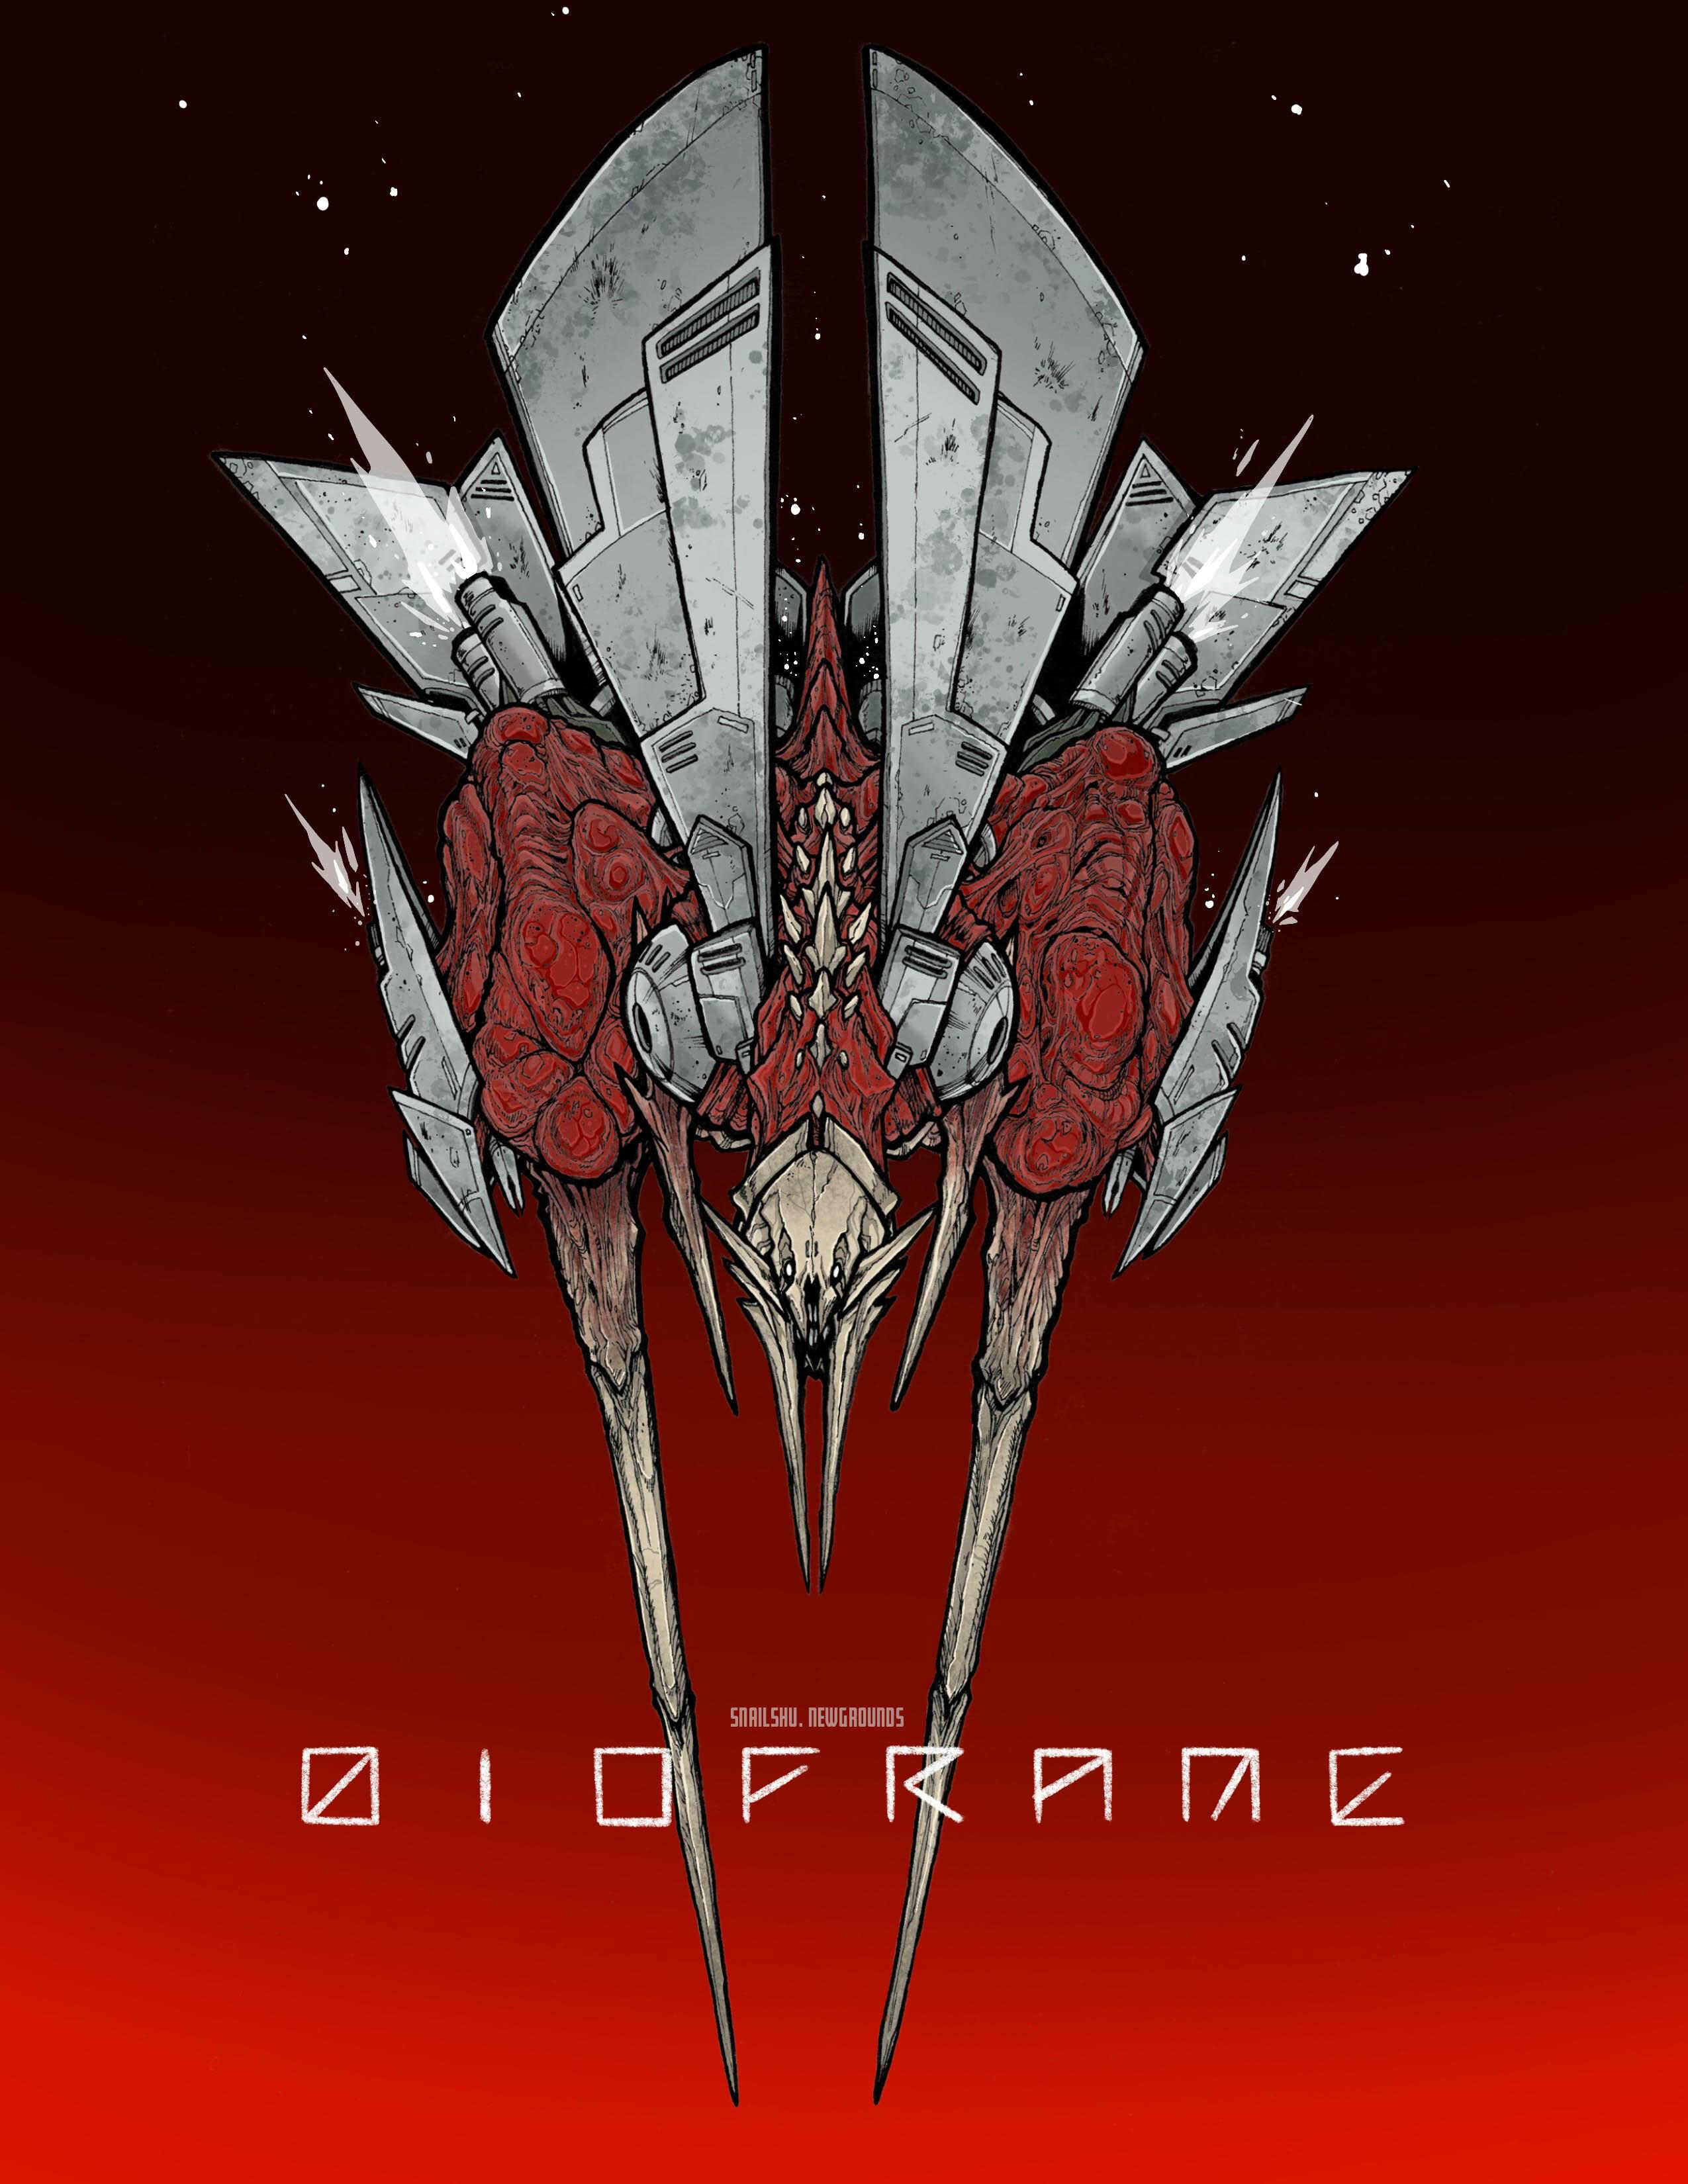 BIOFRAME Cover